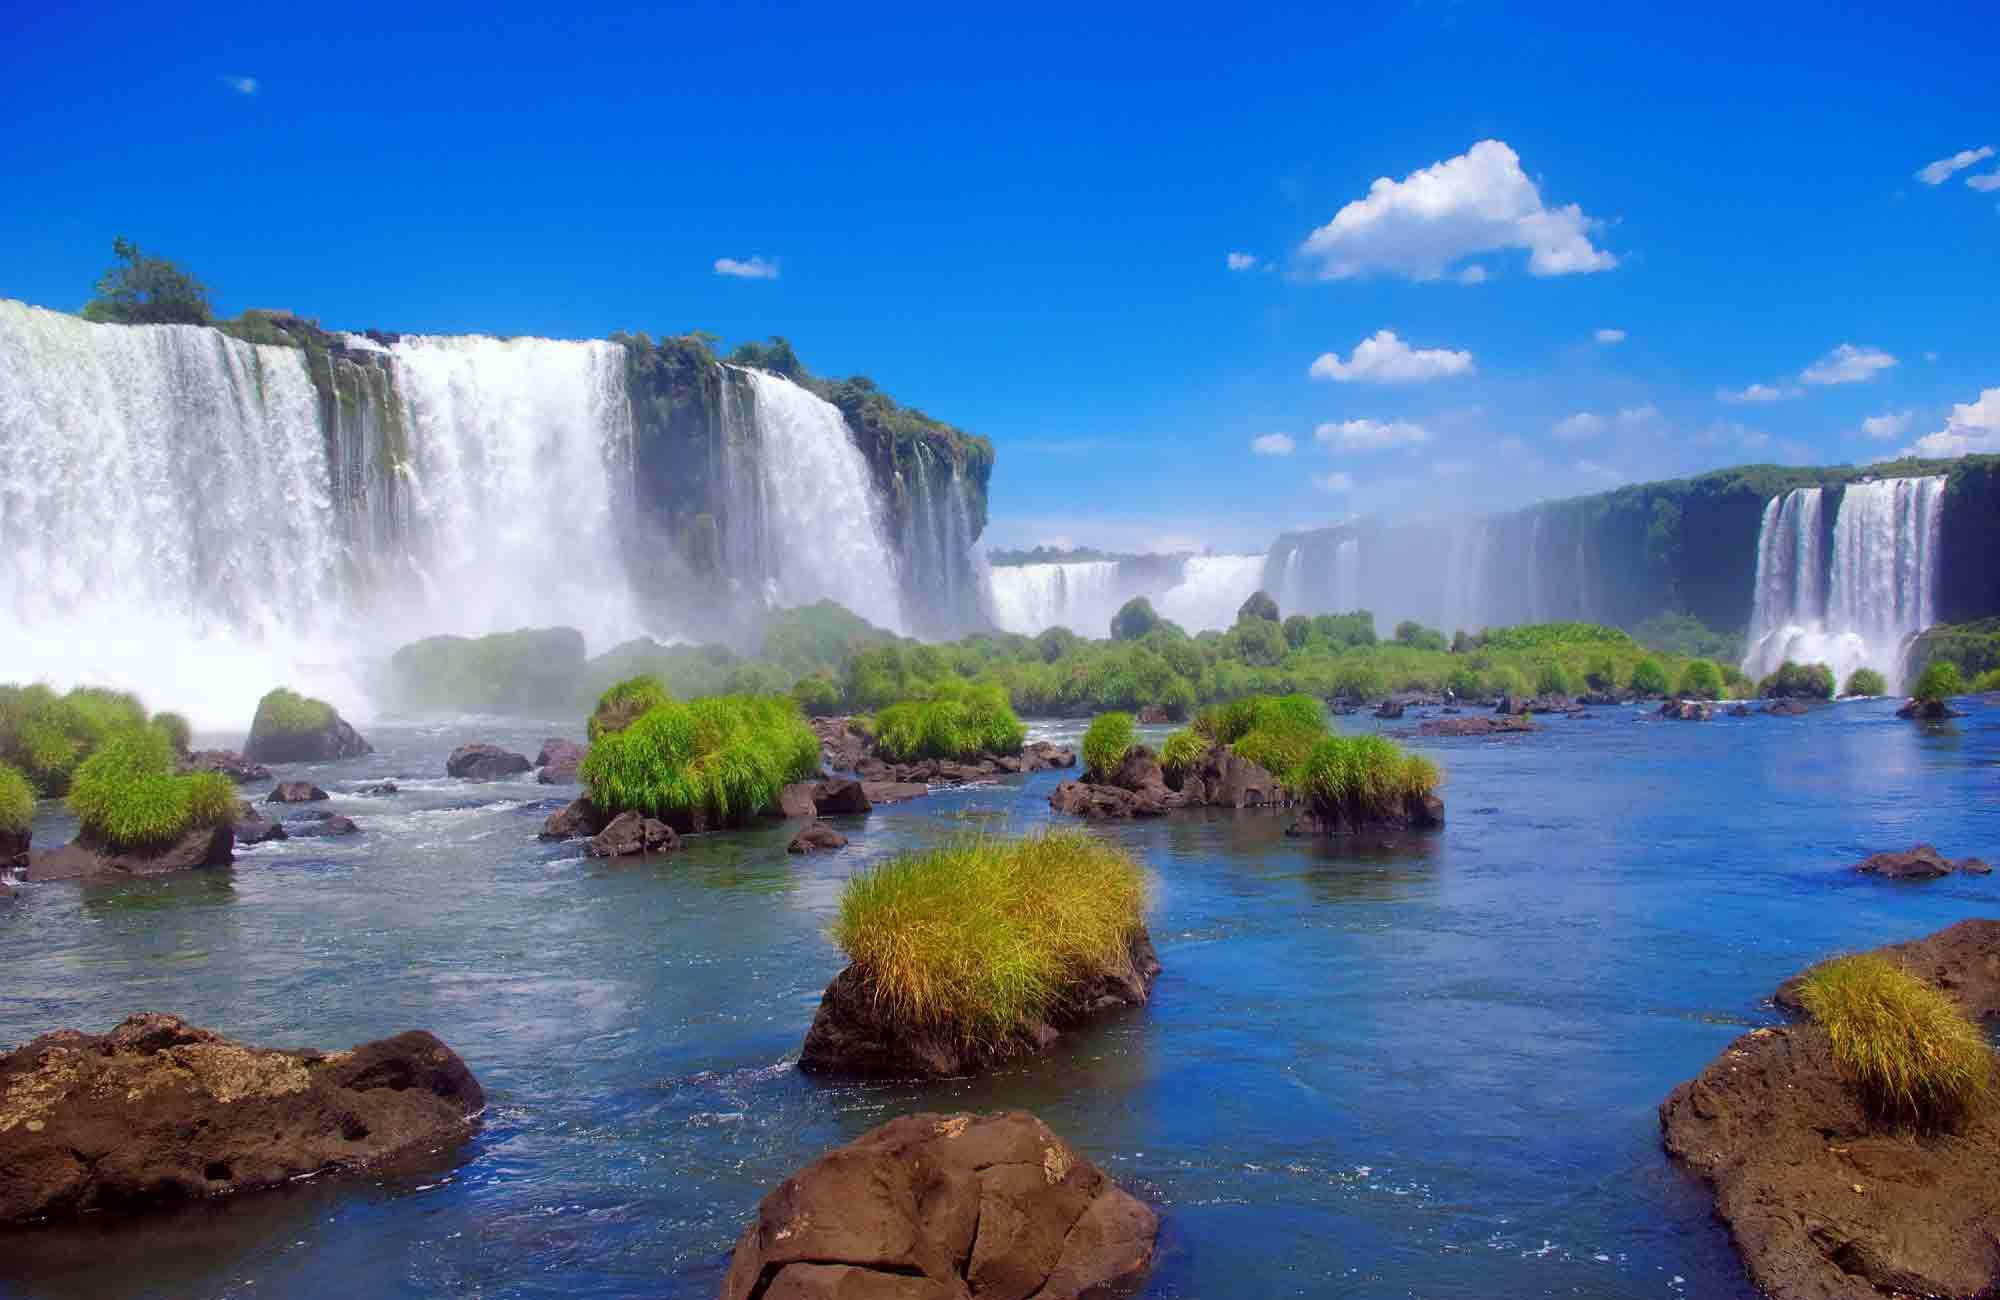 Voyage Brésil - Chutes d'Iguazu - Amplitudes